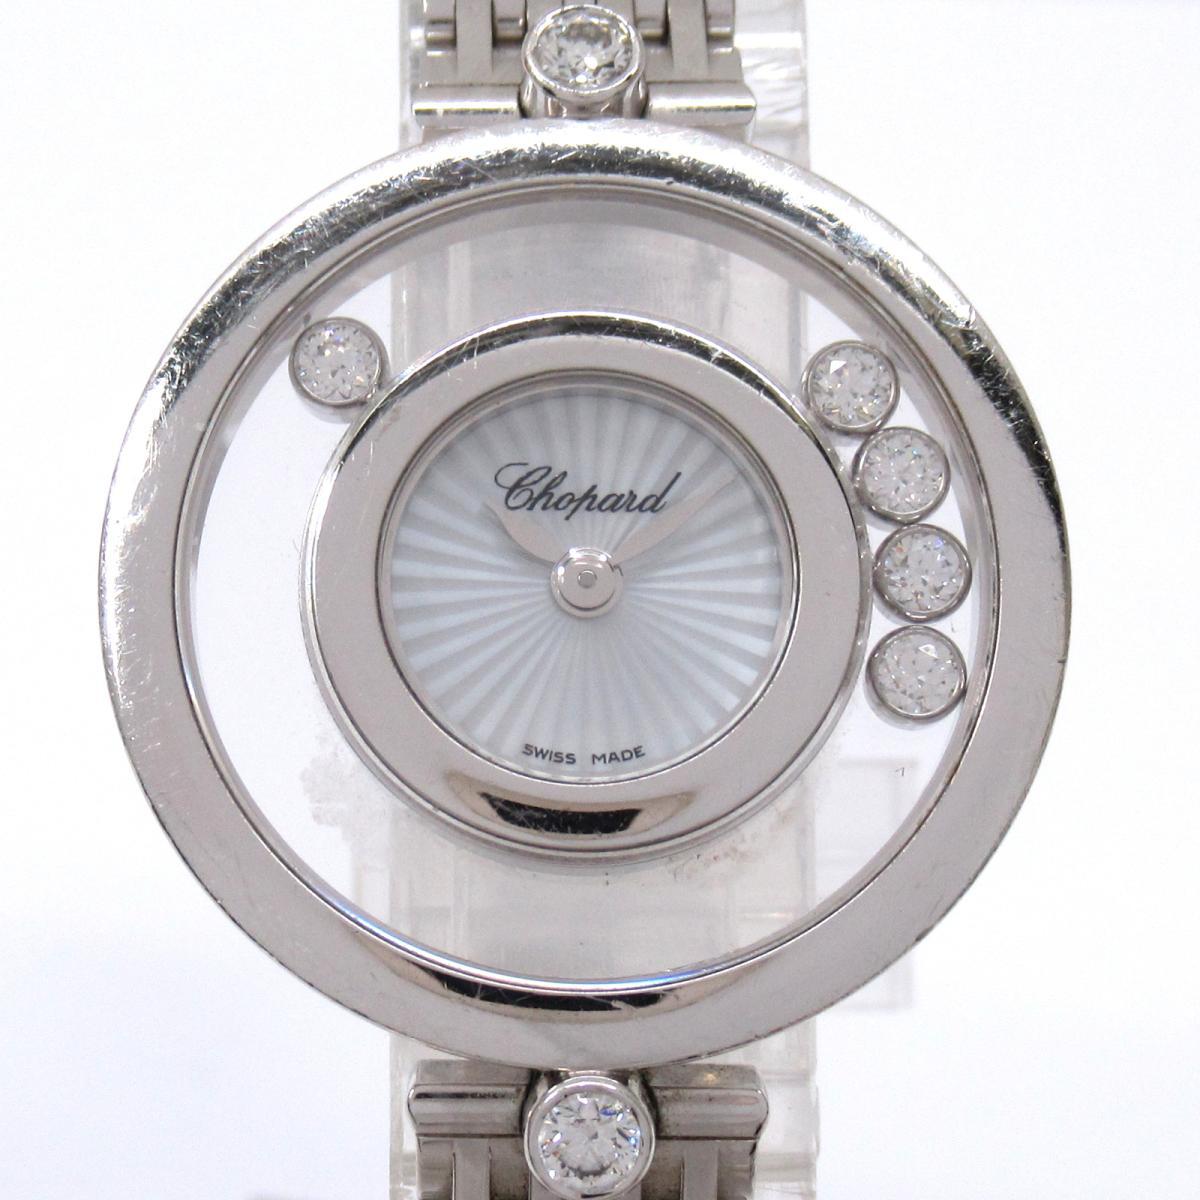 【中古】 ショパール ハッピーダイヤモンド 5Pダイヤ 腕時計 ウォッチ レディース K18WG (750)ホワイトゴールド (4527) | Chopard BRANDOFF ブランドオフ ブランド ブランド時計 ブランド腕時計 時計